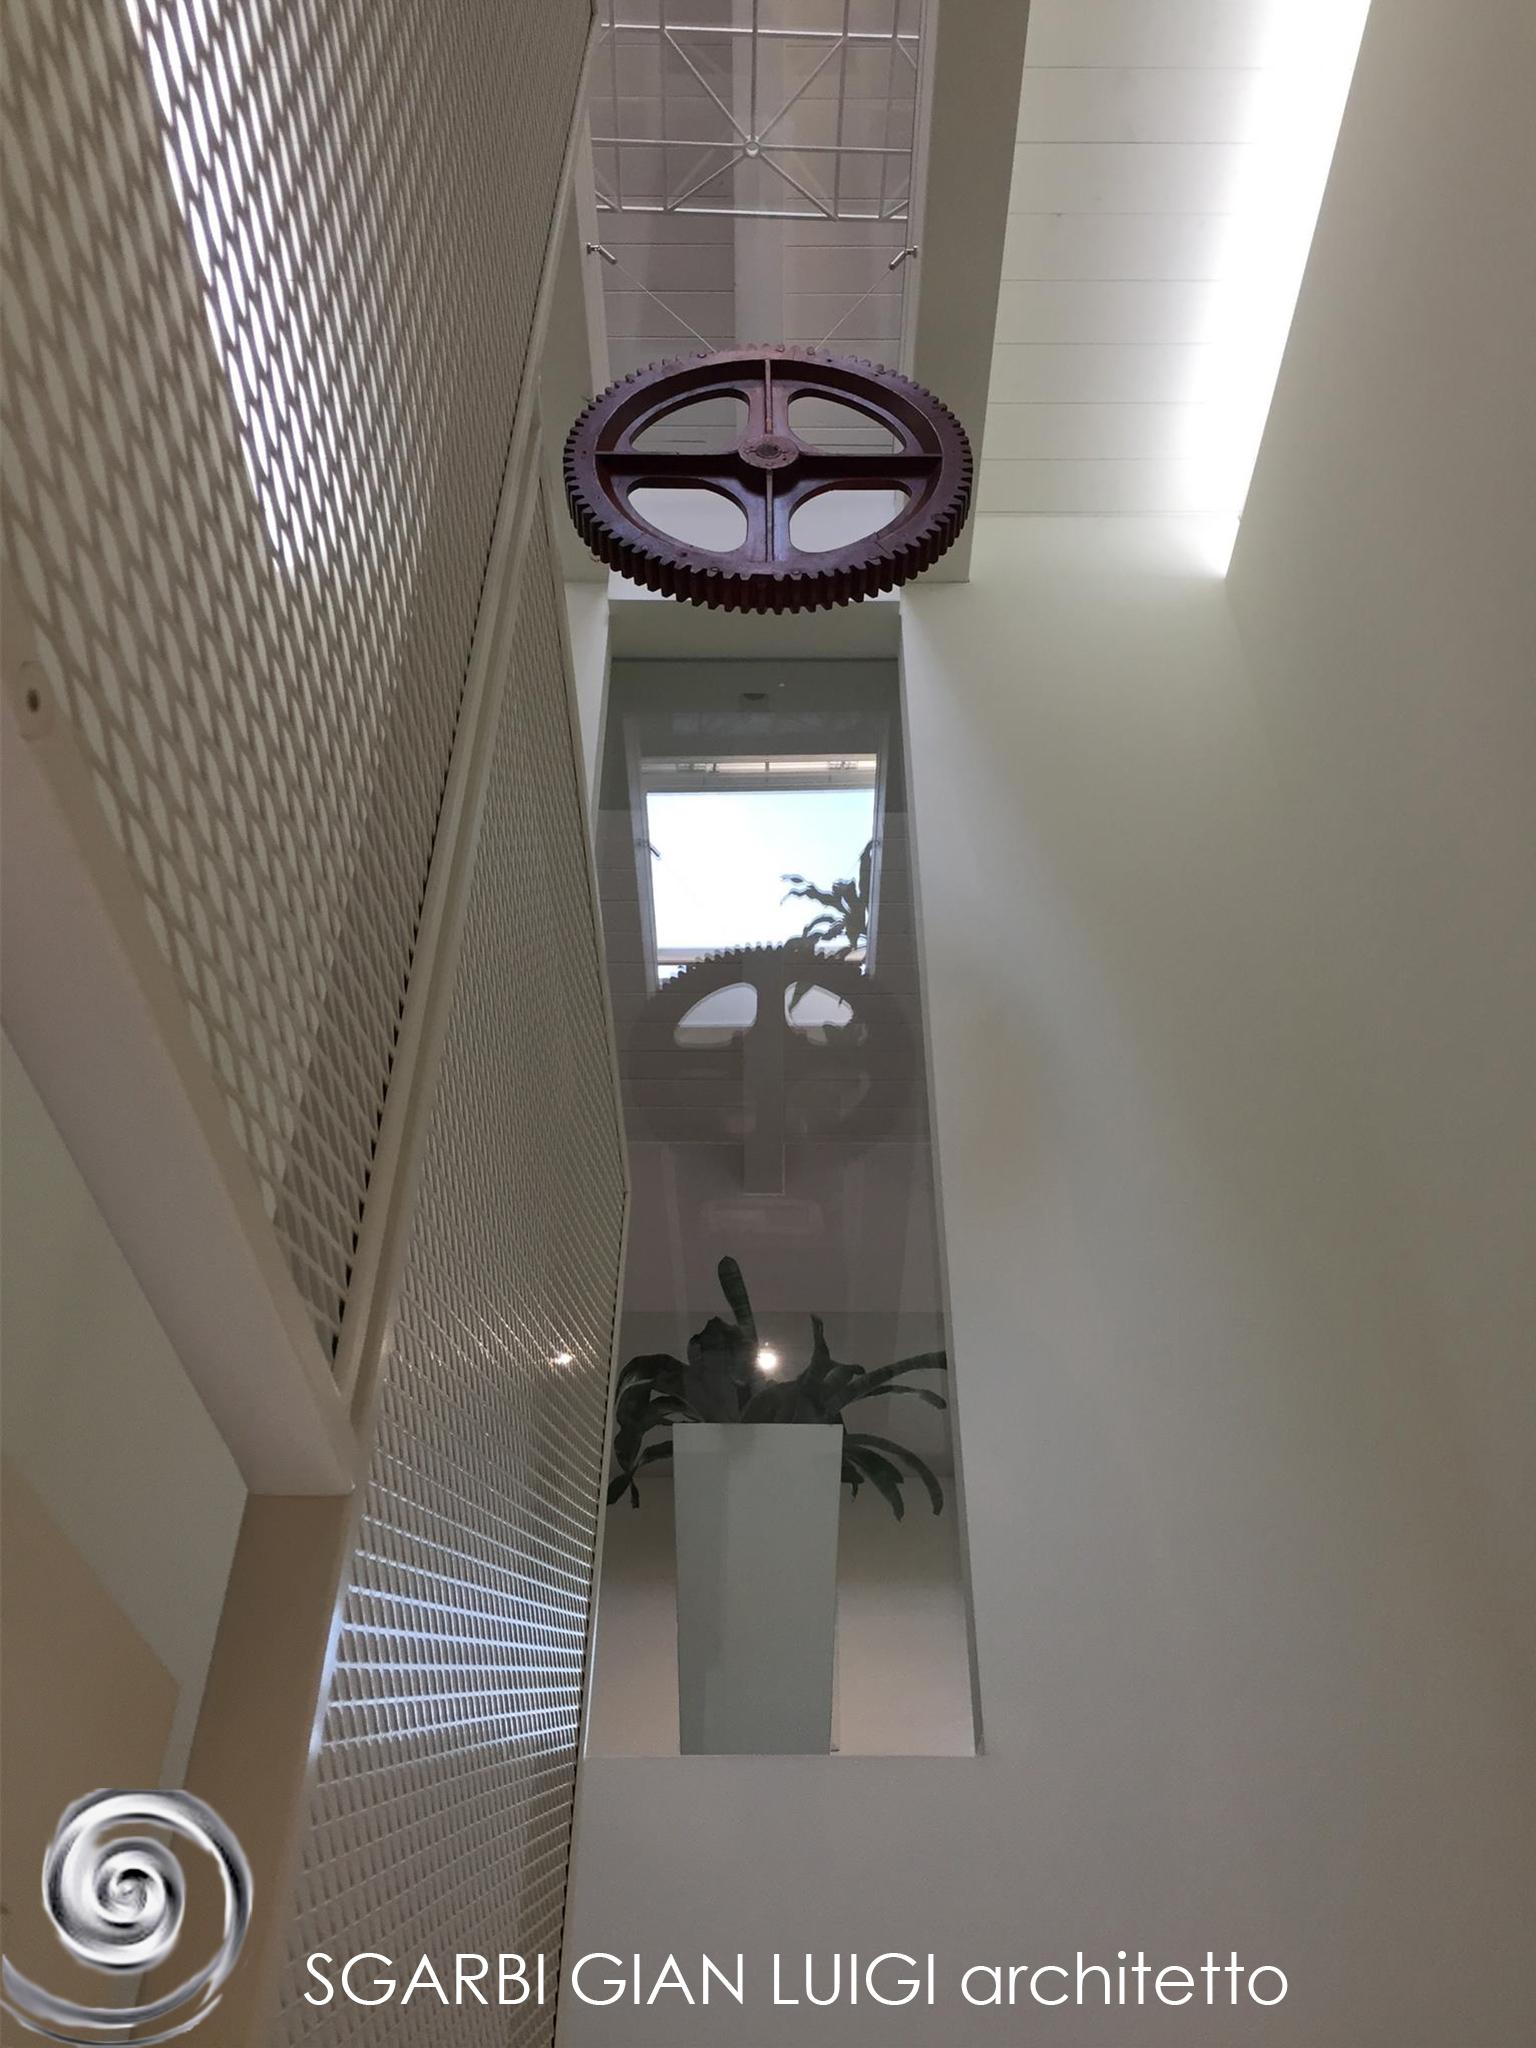 Fotografia di un particolare dello studio di architettura